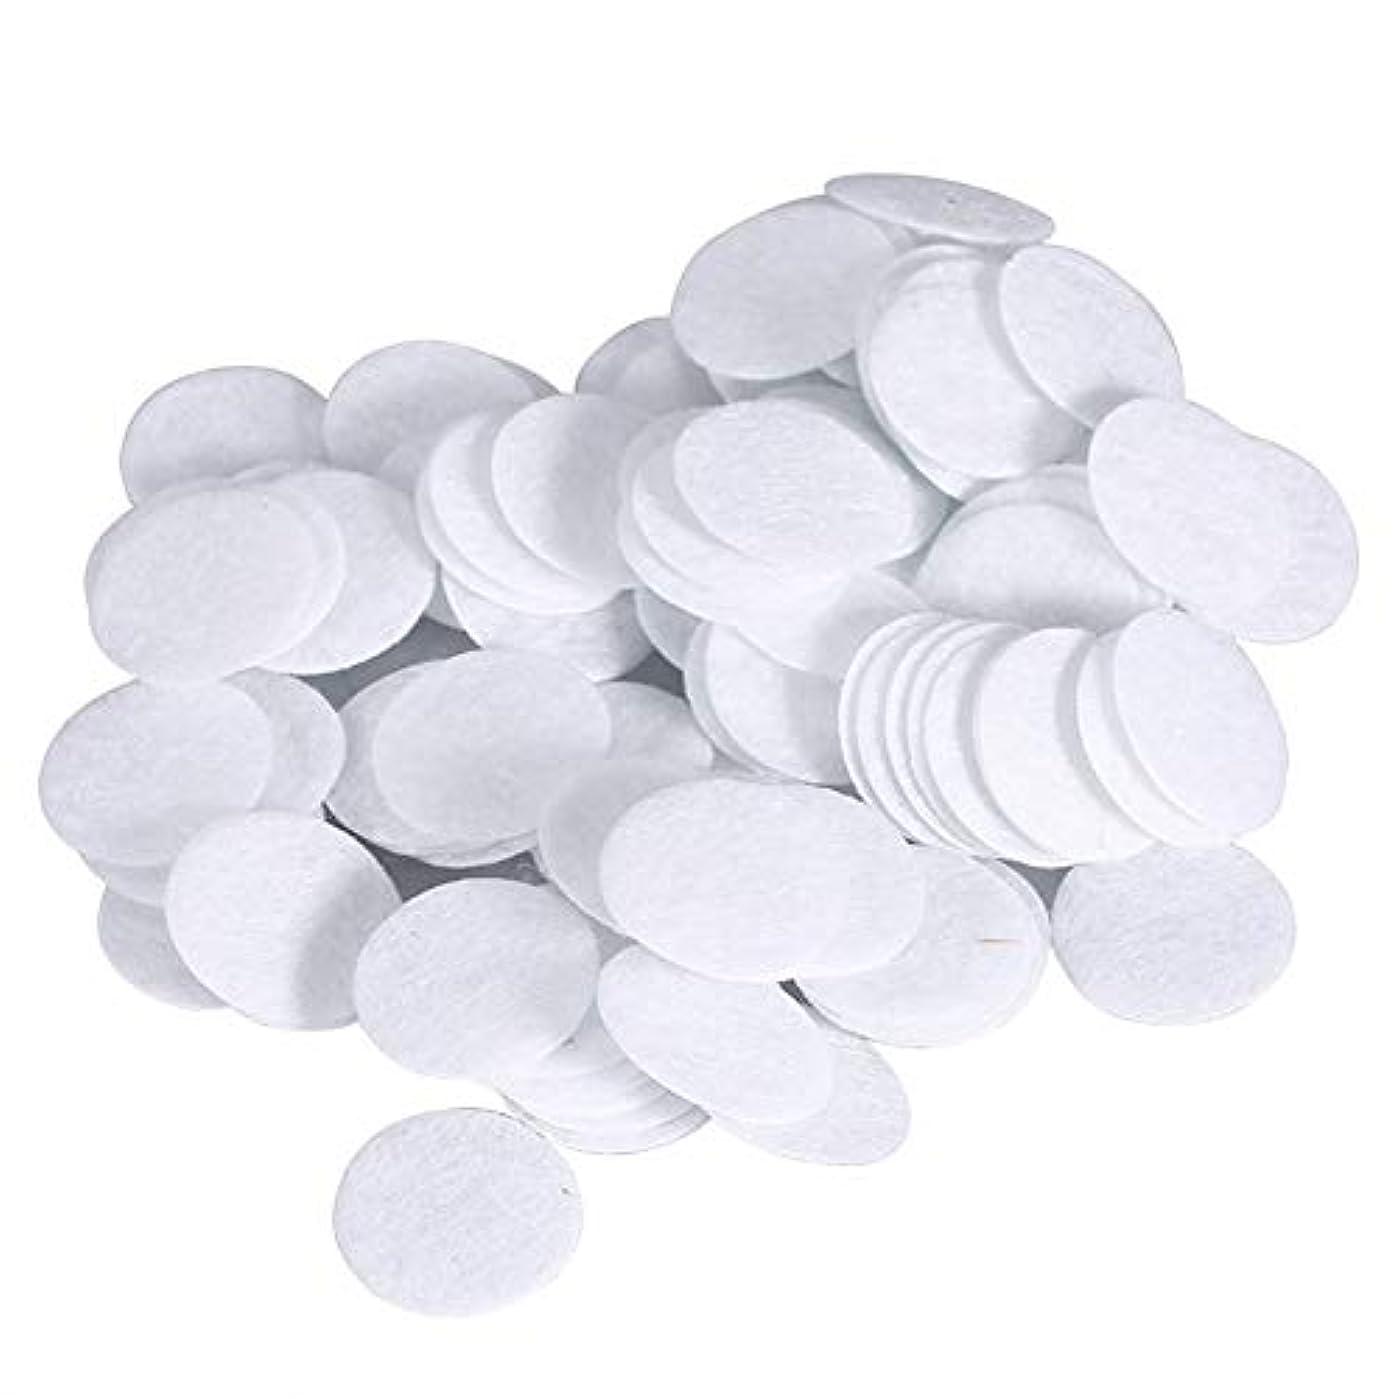 薬用ピンおいしい綿フィルターパッド にきび除去美容機用 100個 コットン 15mm